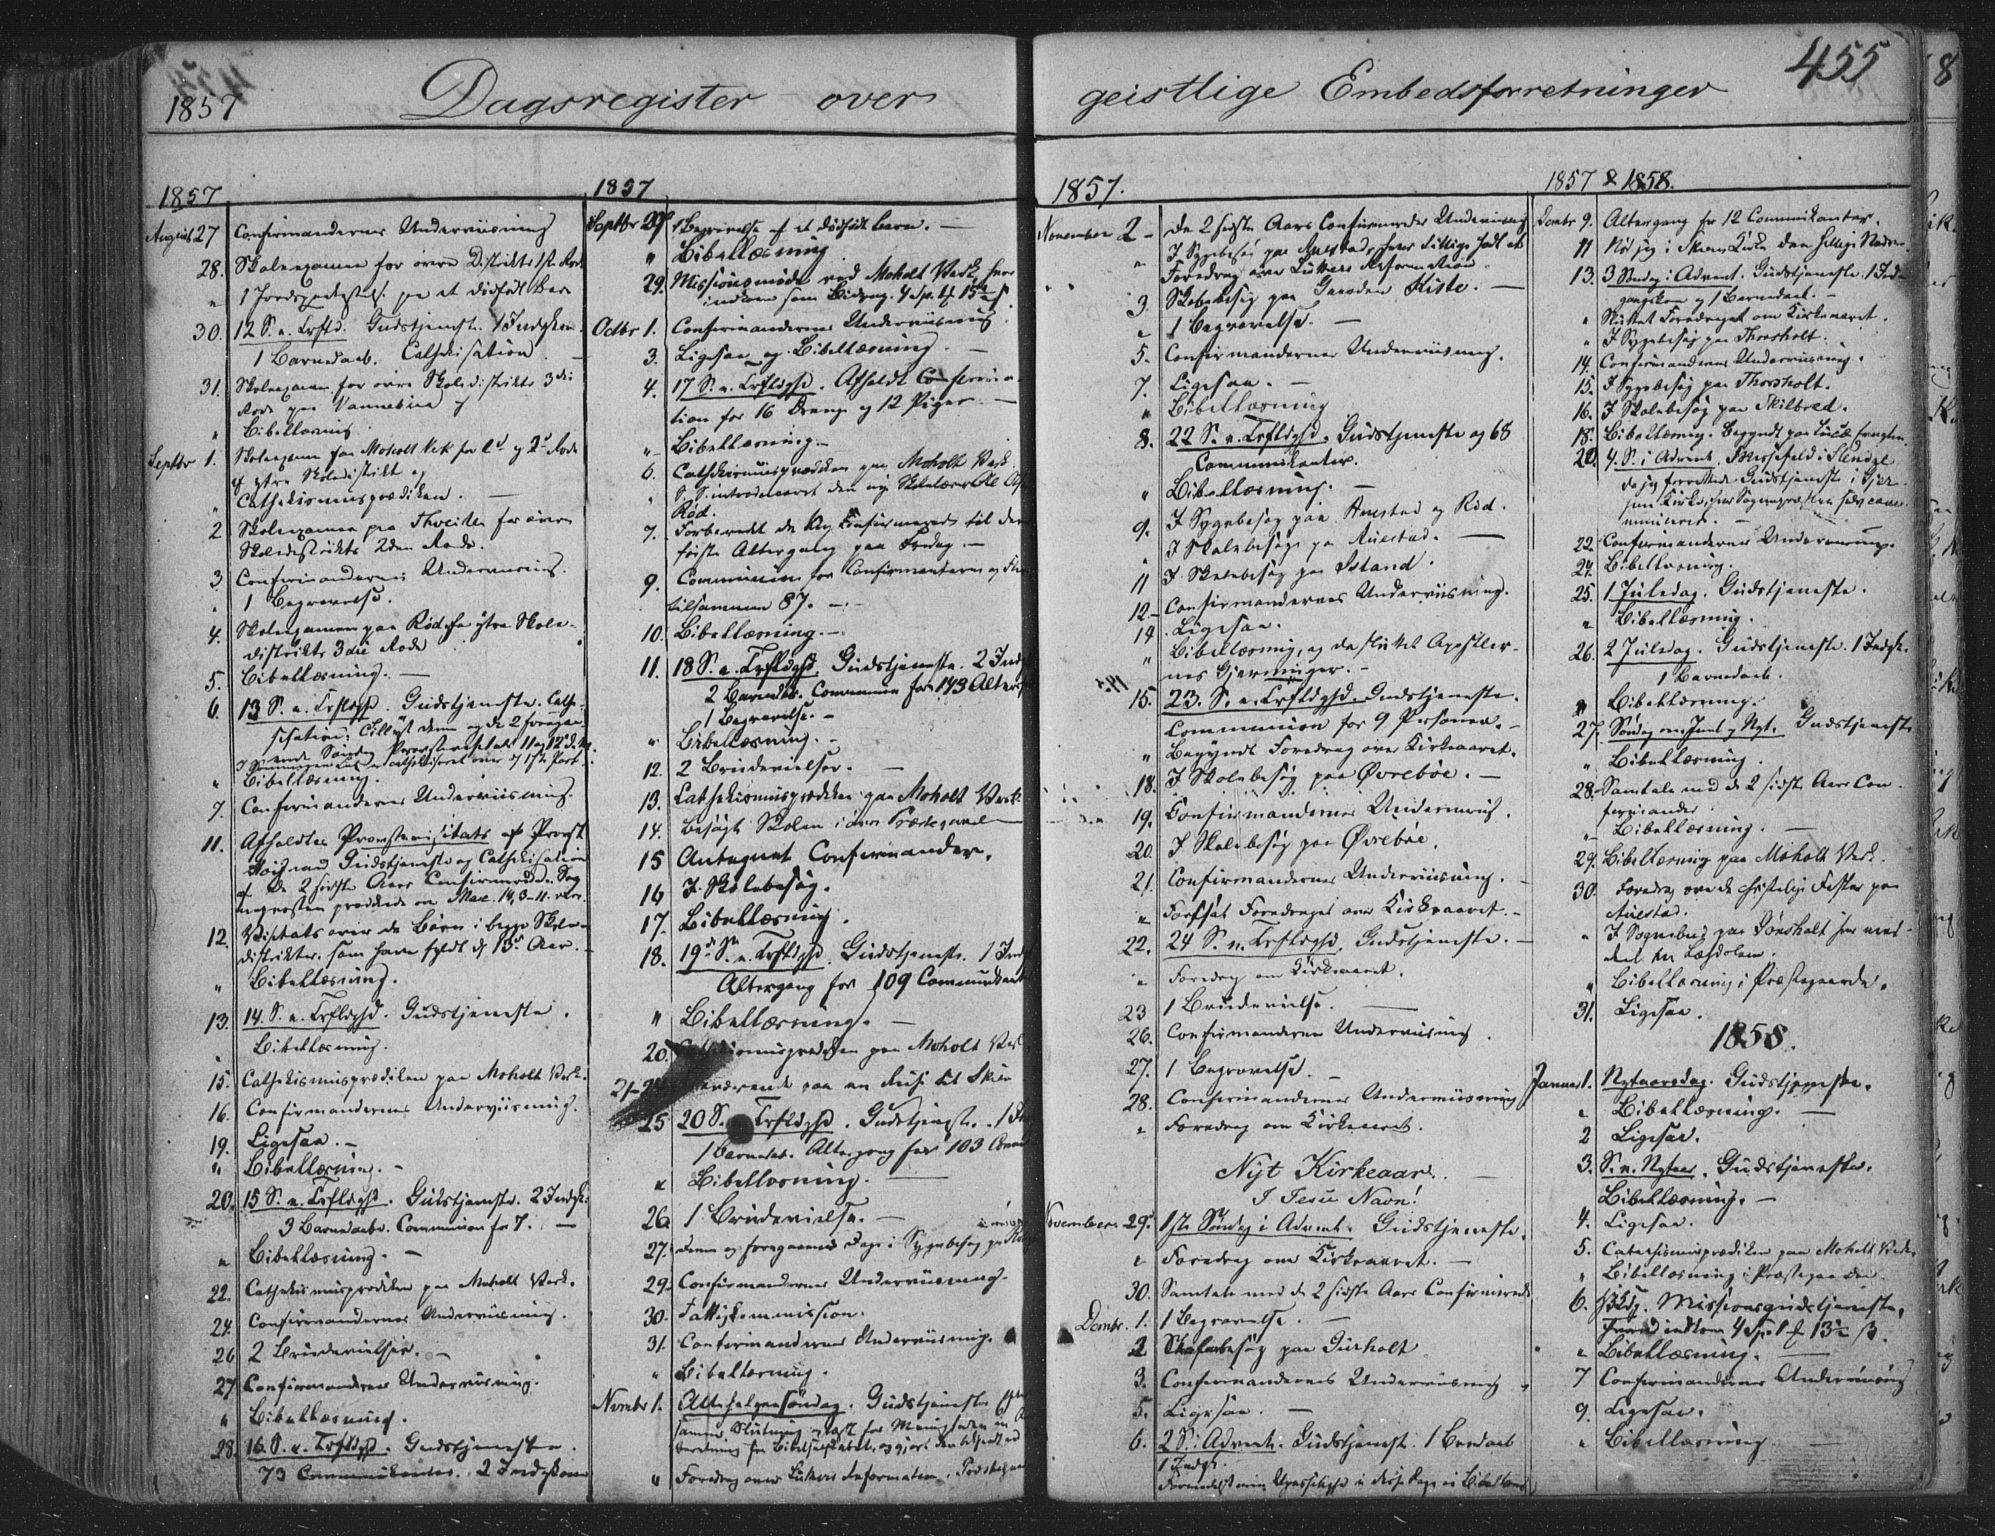 SAKO, Siljan kirkebøker, F/Fa/L0001: Ministerialbok nr. 1, 1831-1870, s. 455